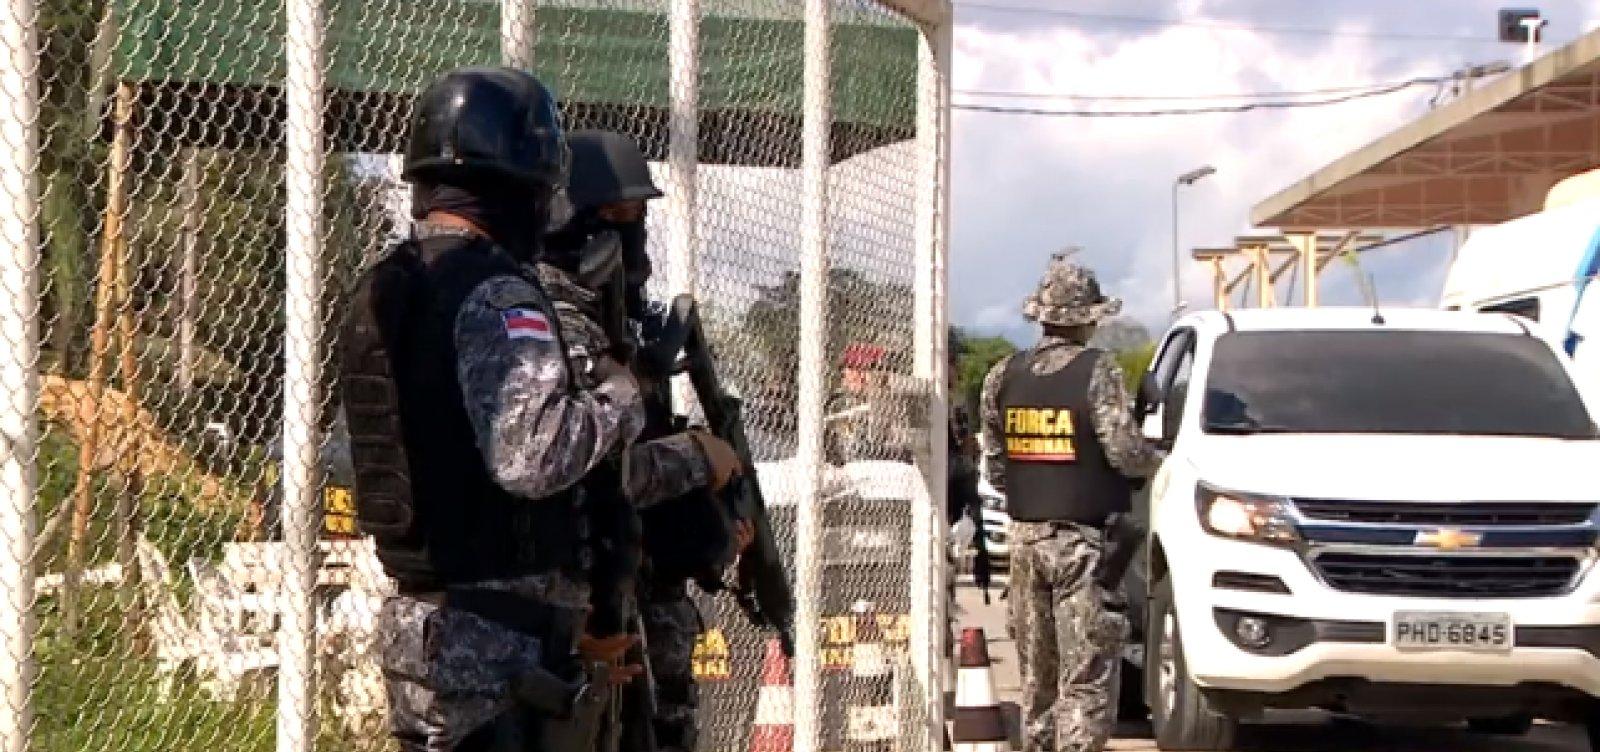 [Força-Tarefa de Intervenção Penitenciária atuará no Amazonas após mortes de detentos]